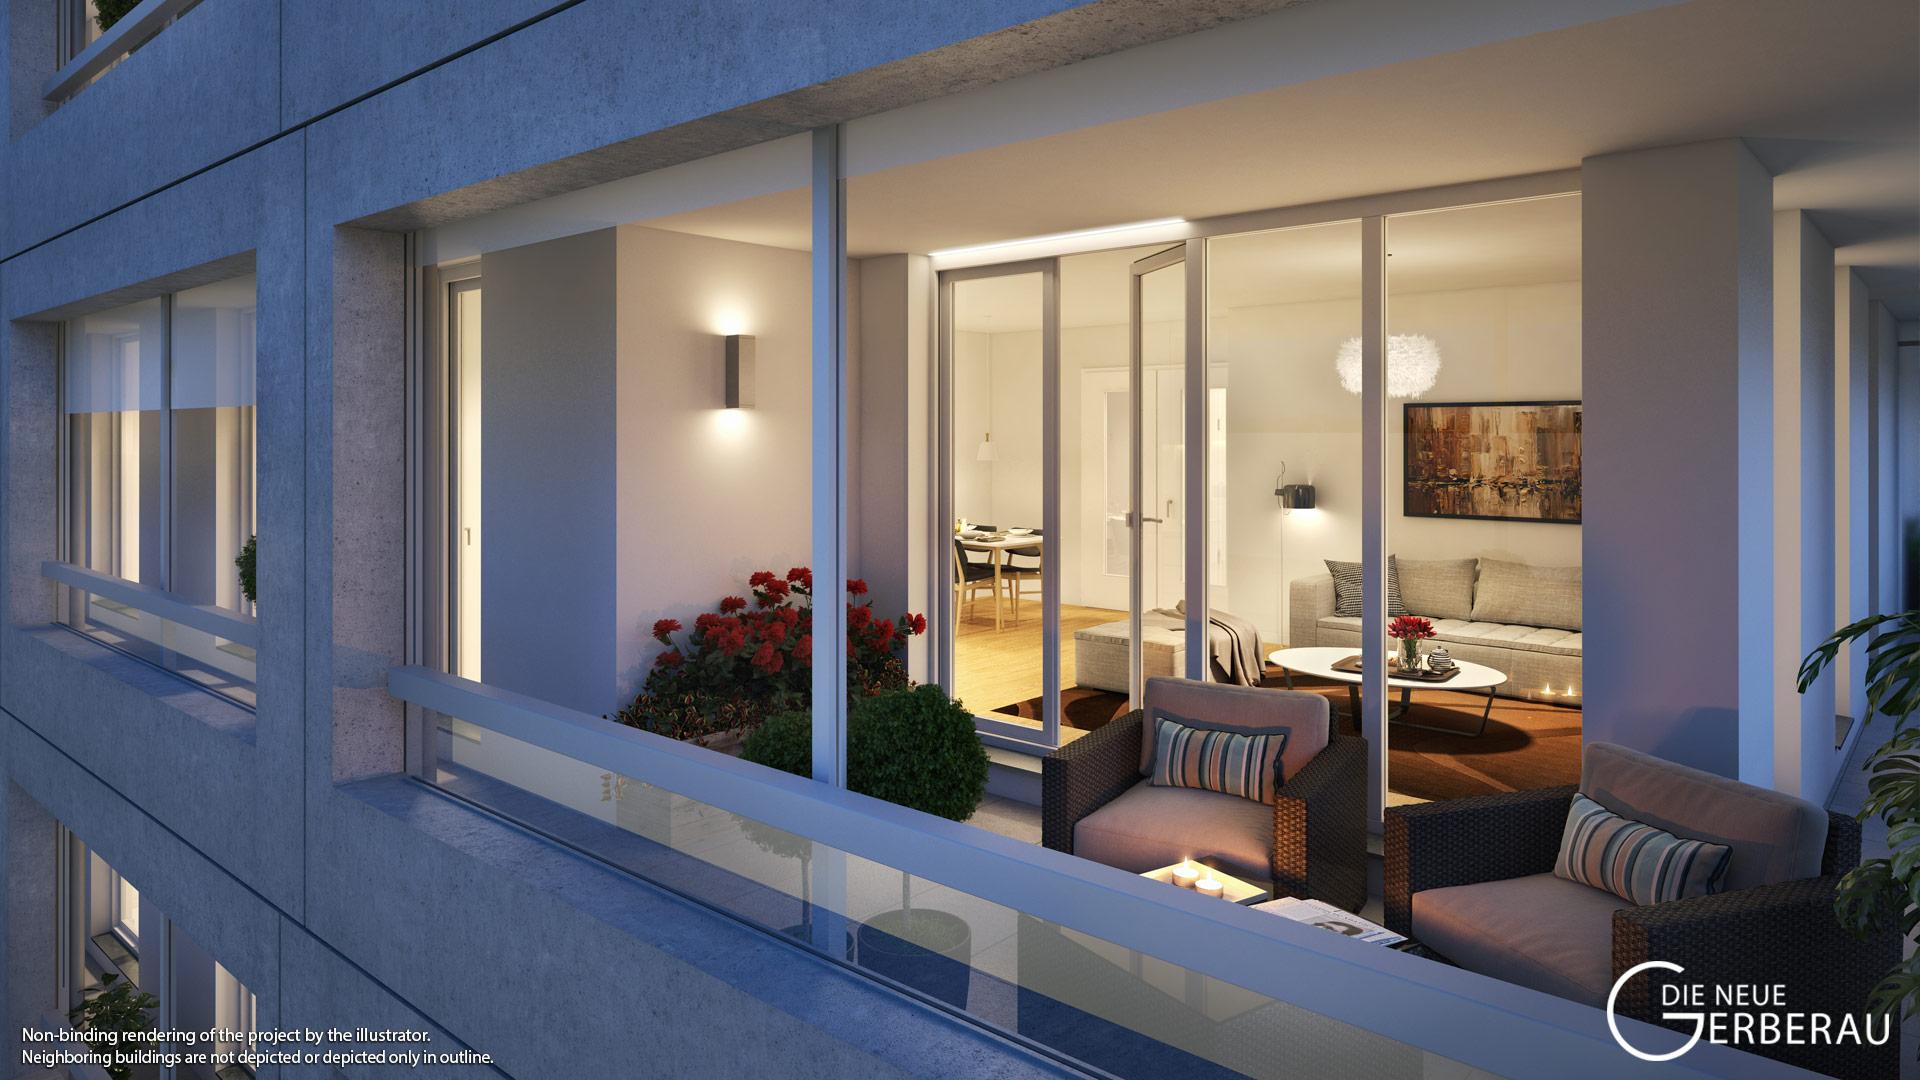 Property Die neue Gerberau - Illustration 10